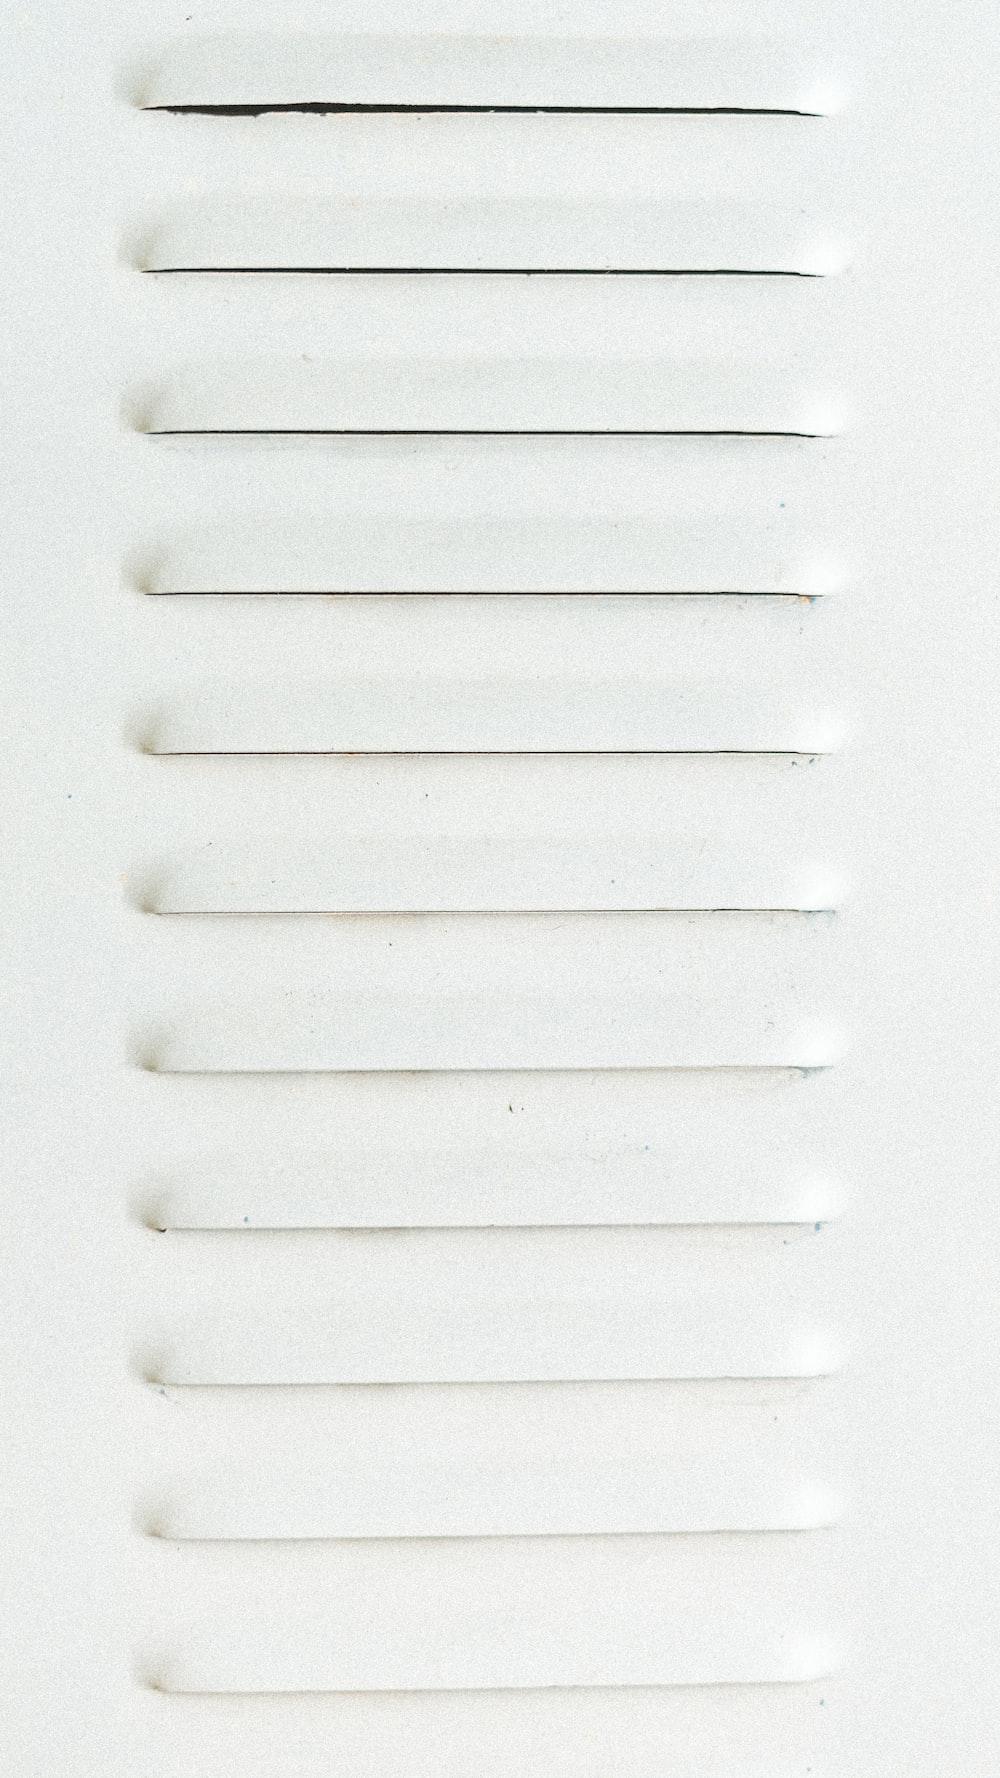 rectangular white metal panel